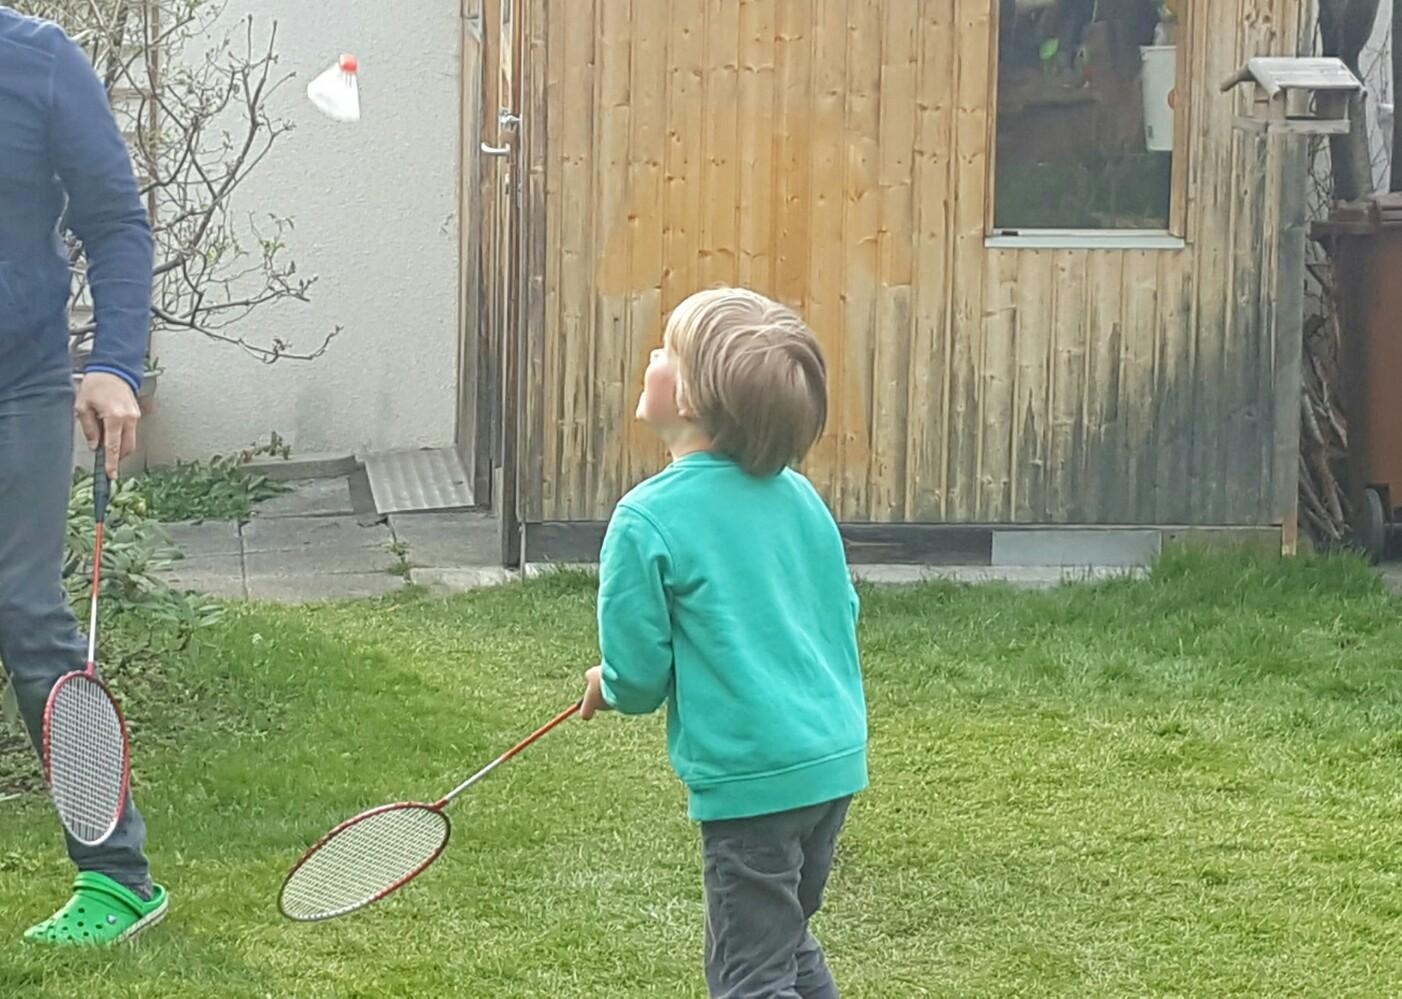 Kinder im Garten spielen lassen